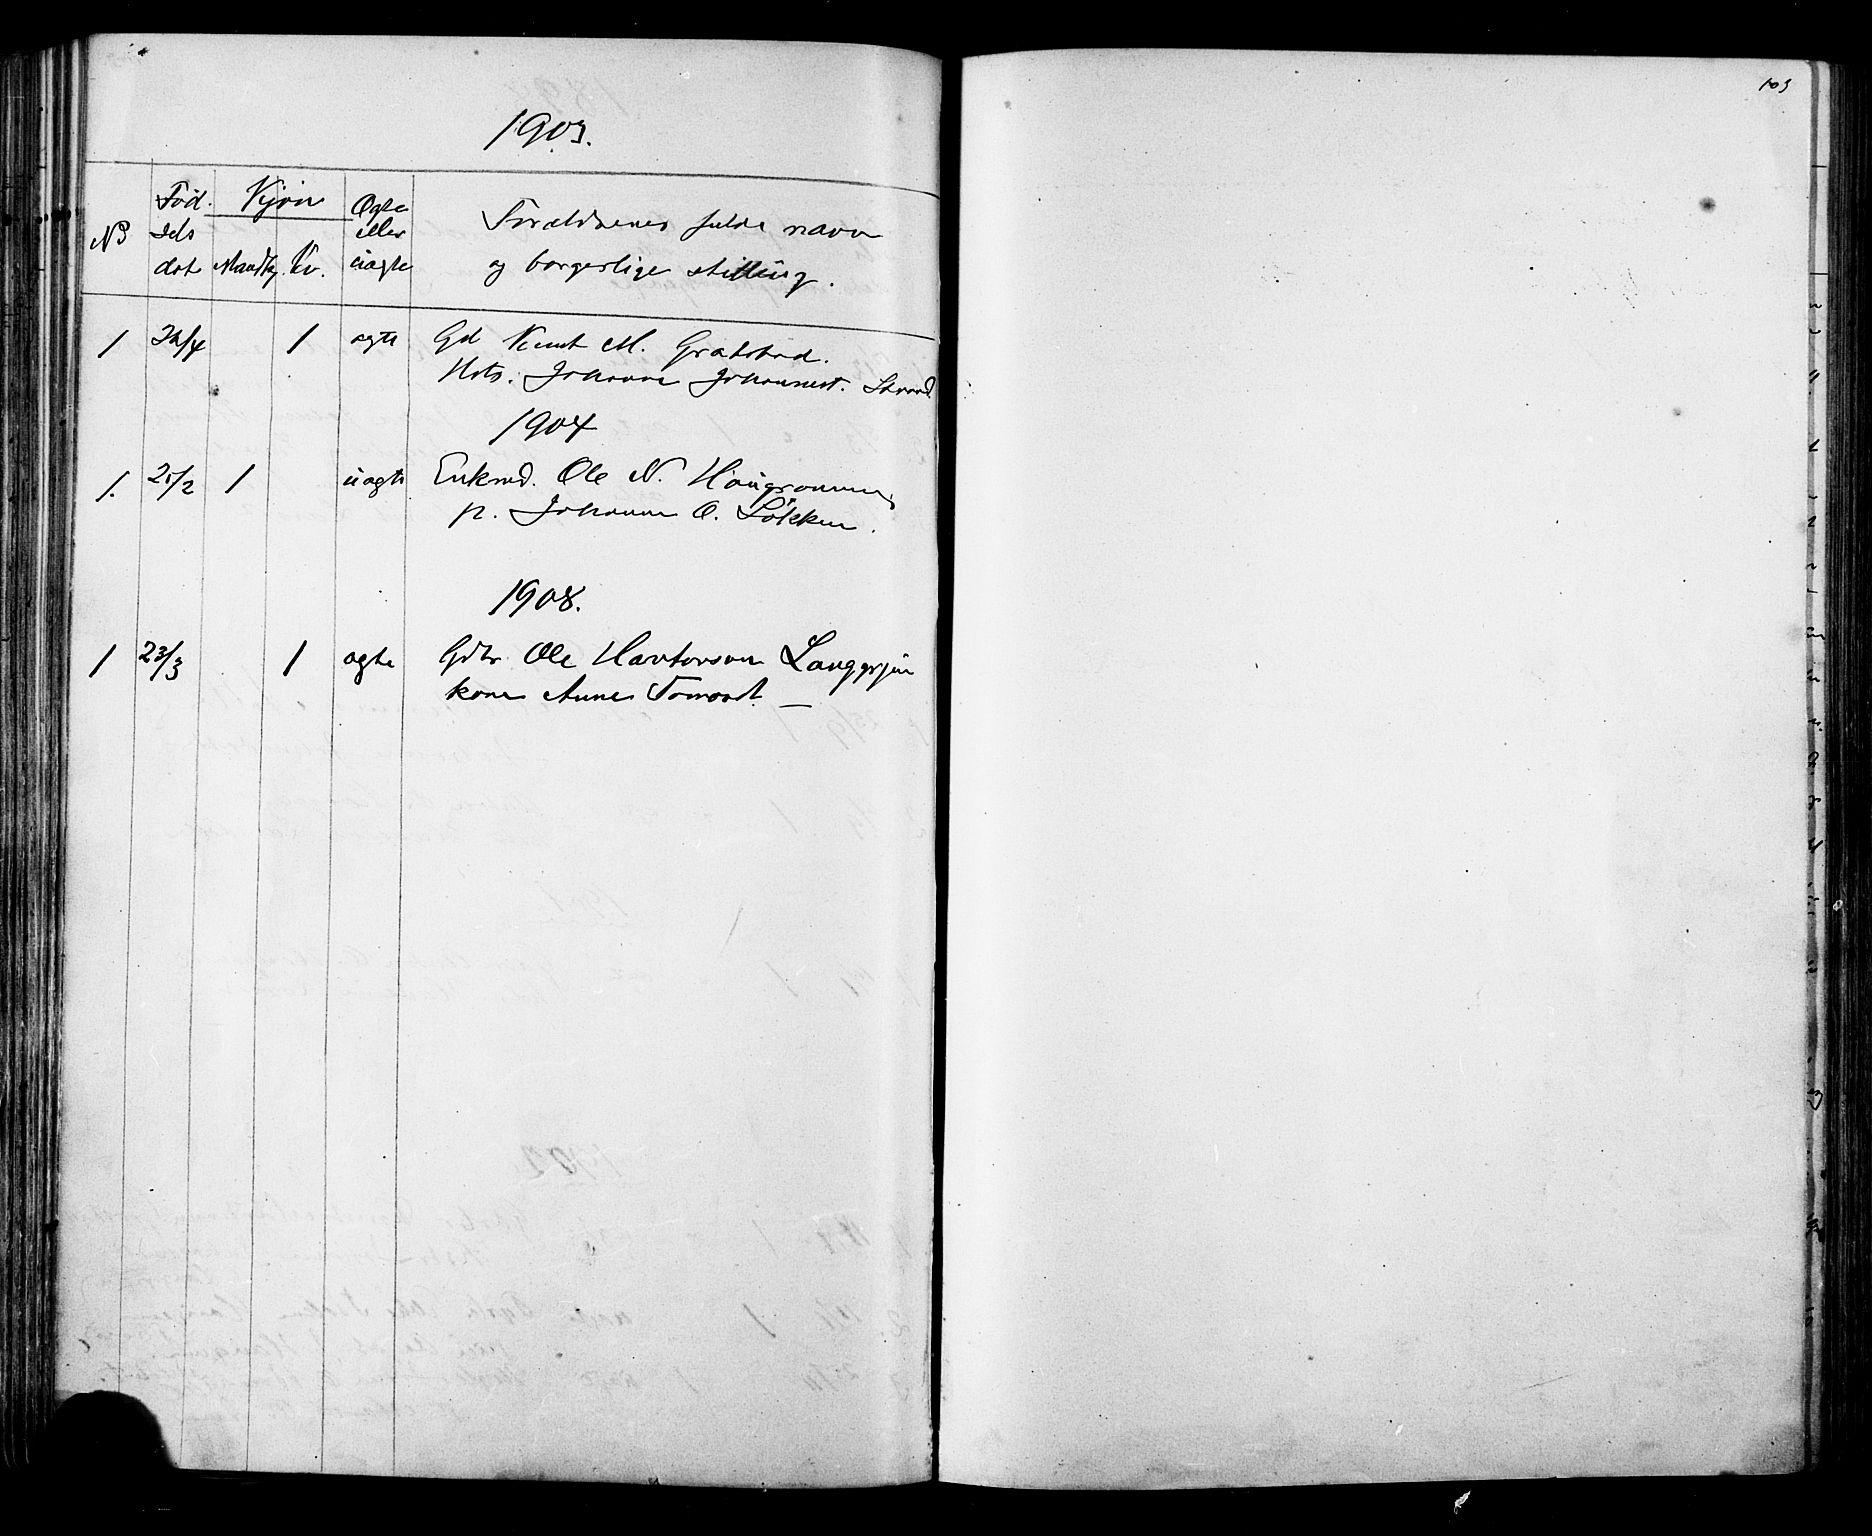 SAT, Ministerialprotokoller, klokkerbøker og fødselsregistre - Sør-Trøndelag, 612/L0387: Klokkerbok nr. 612C03, 1874-1908, s. 103